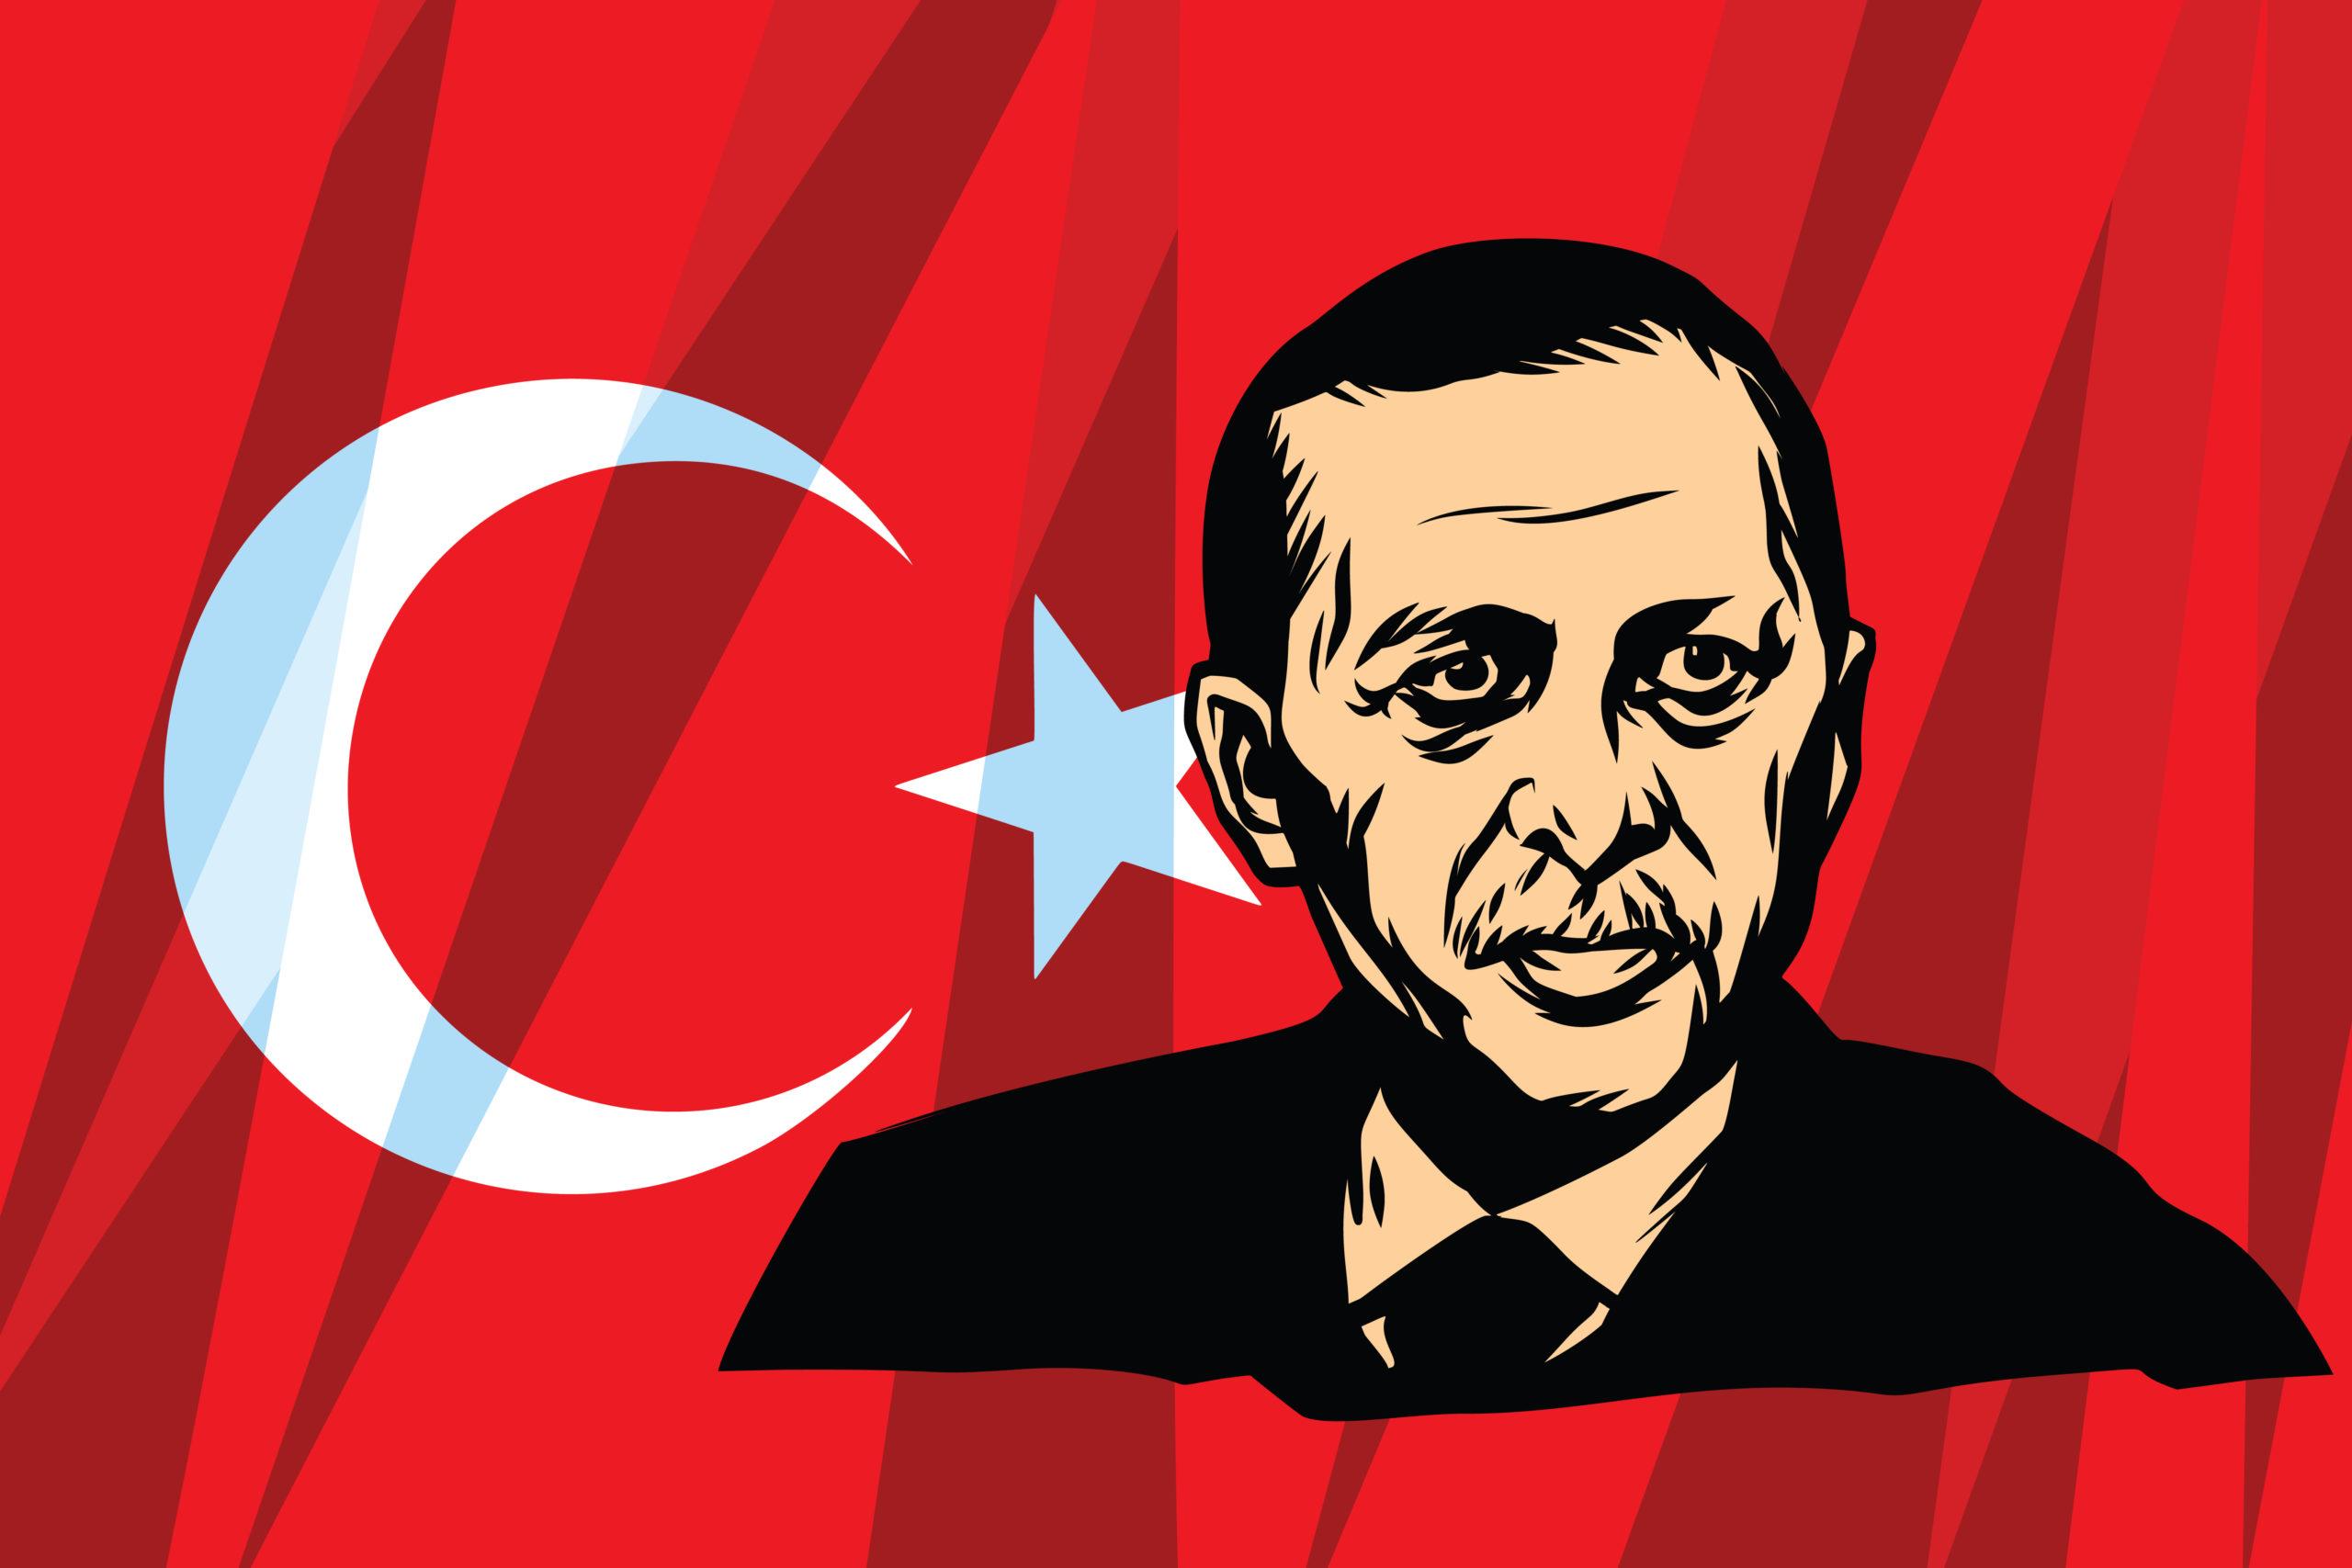 لعبة أردوغان والطموحات الجيوسياسية